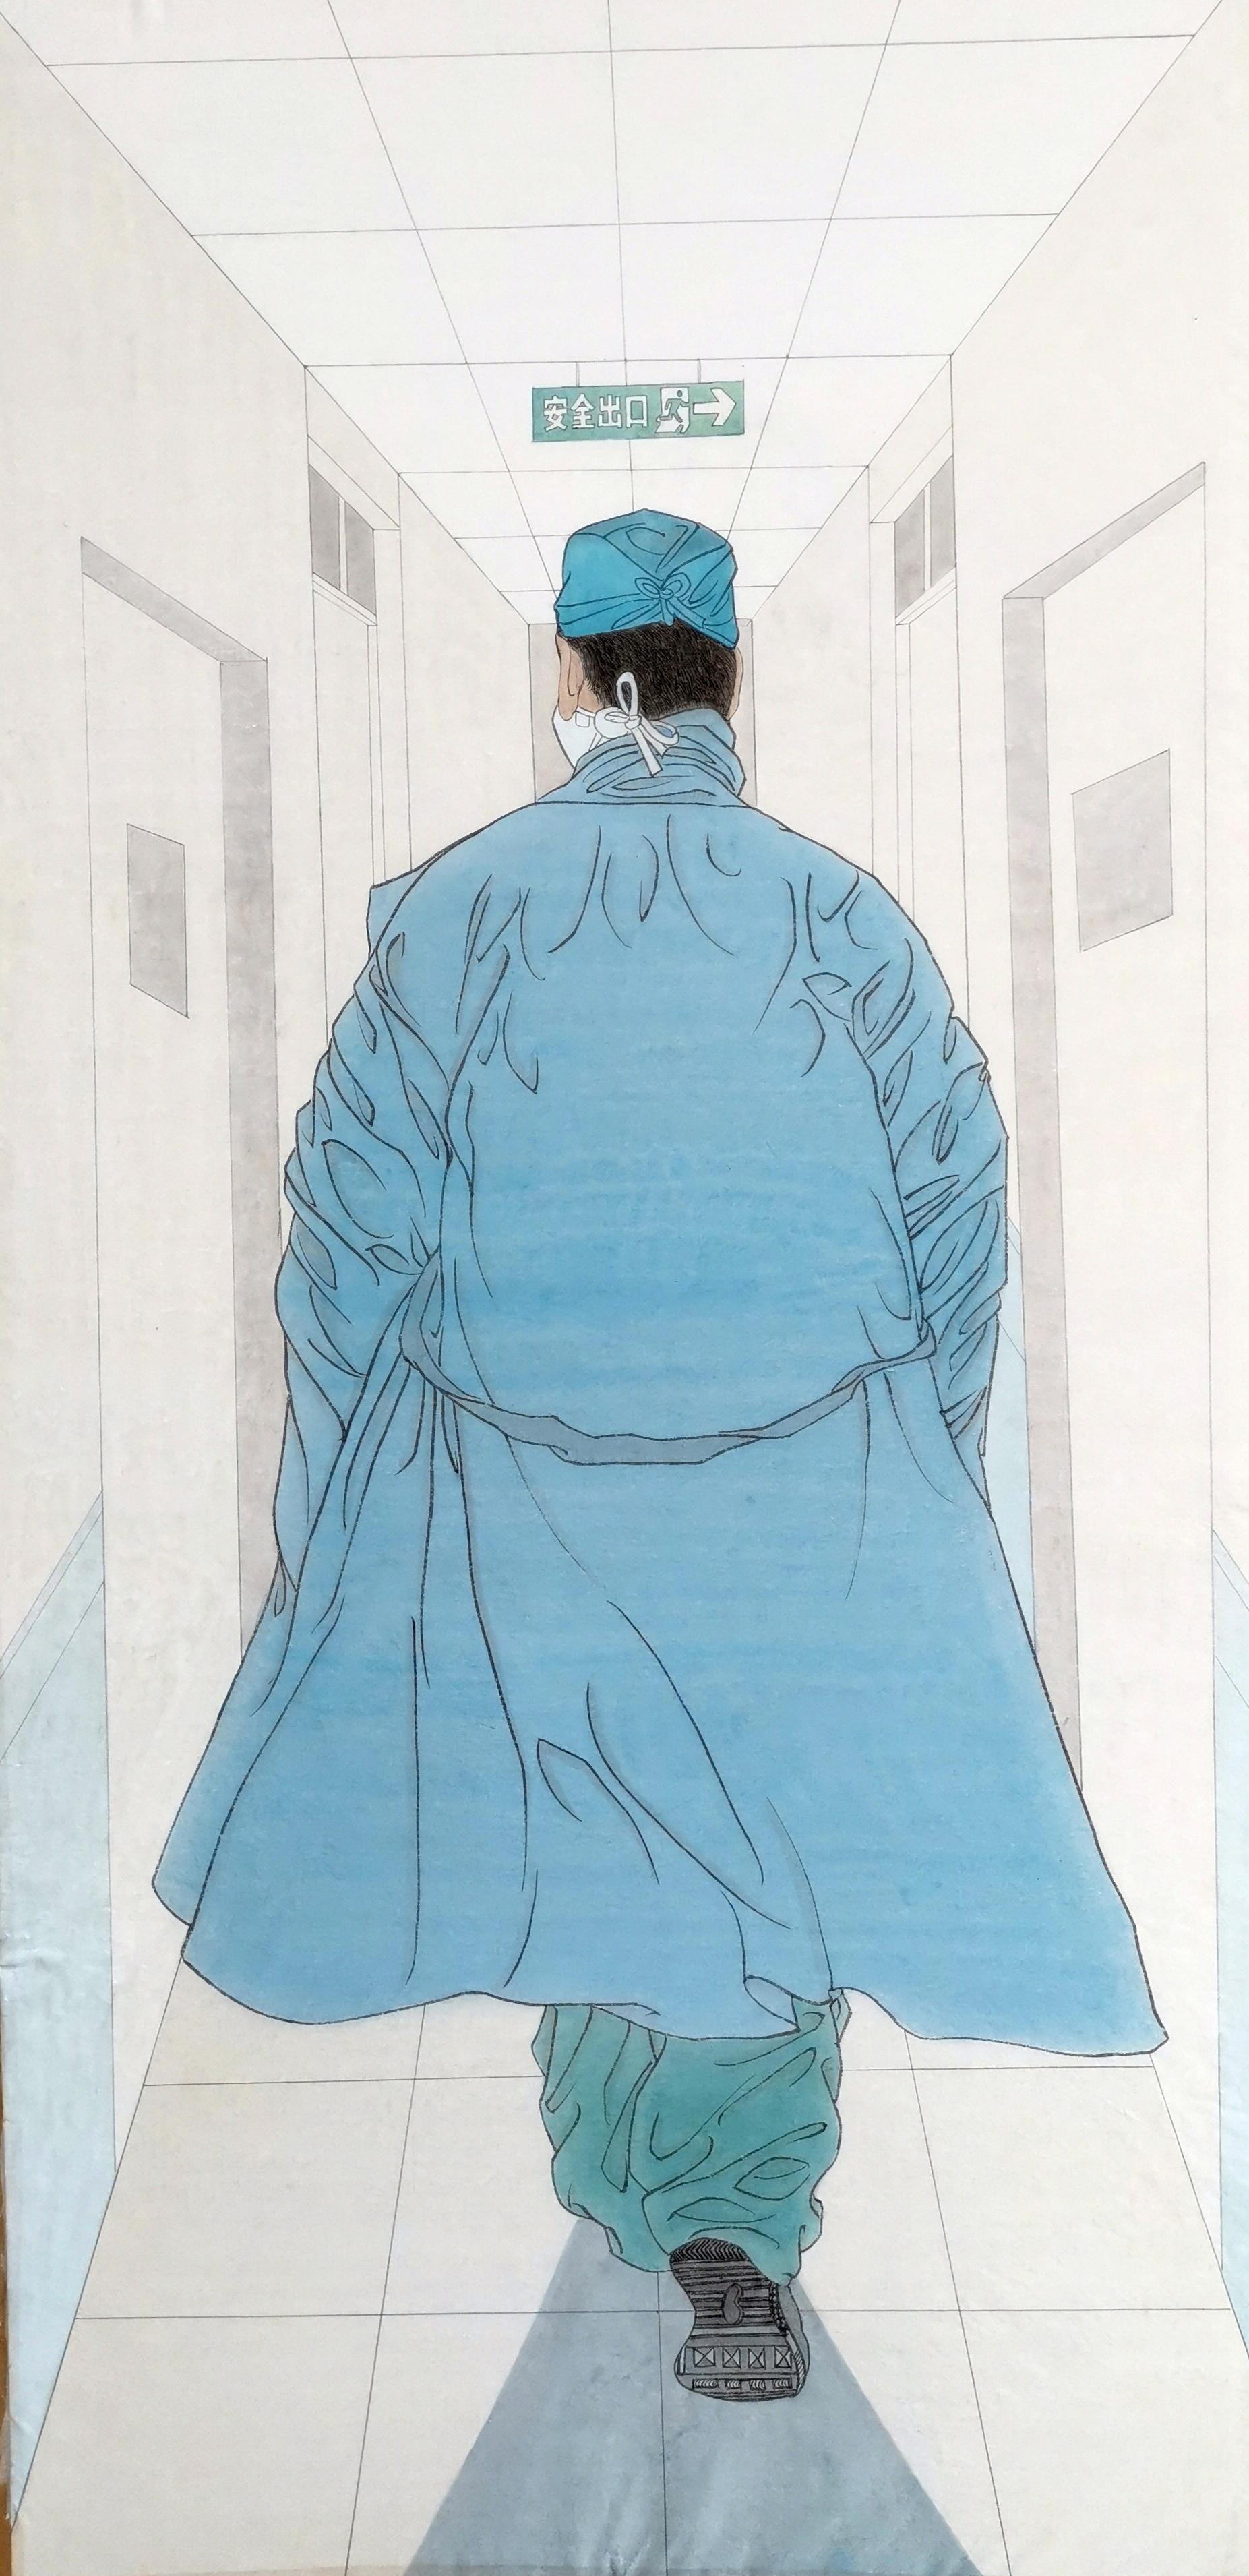 山东文艺工作者画笔描绘《最美出征》